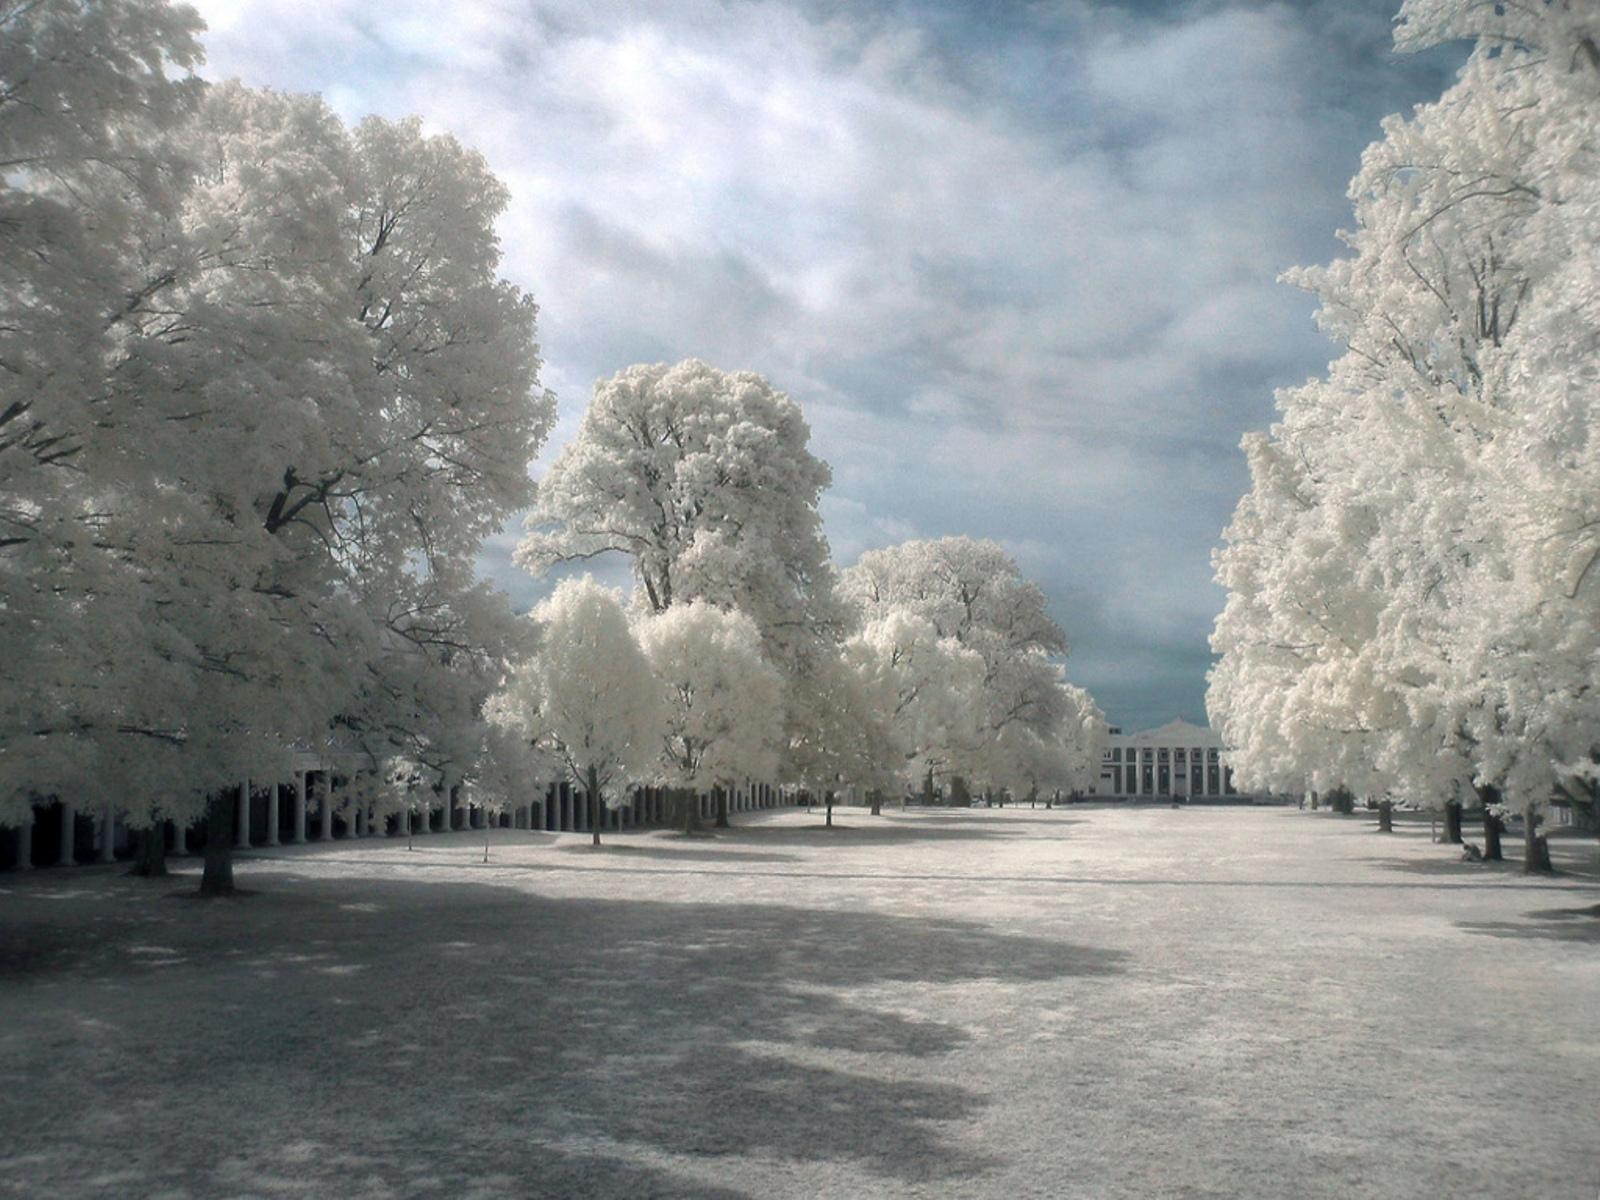 http://2.bp.blogspot.com/-3aHoP4ev6gM/TkanJat4BSI/AAAAAAAAAsY/DBnzhac9oaY/s1600/Winter+Scenery+%252830%2529.jpg